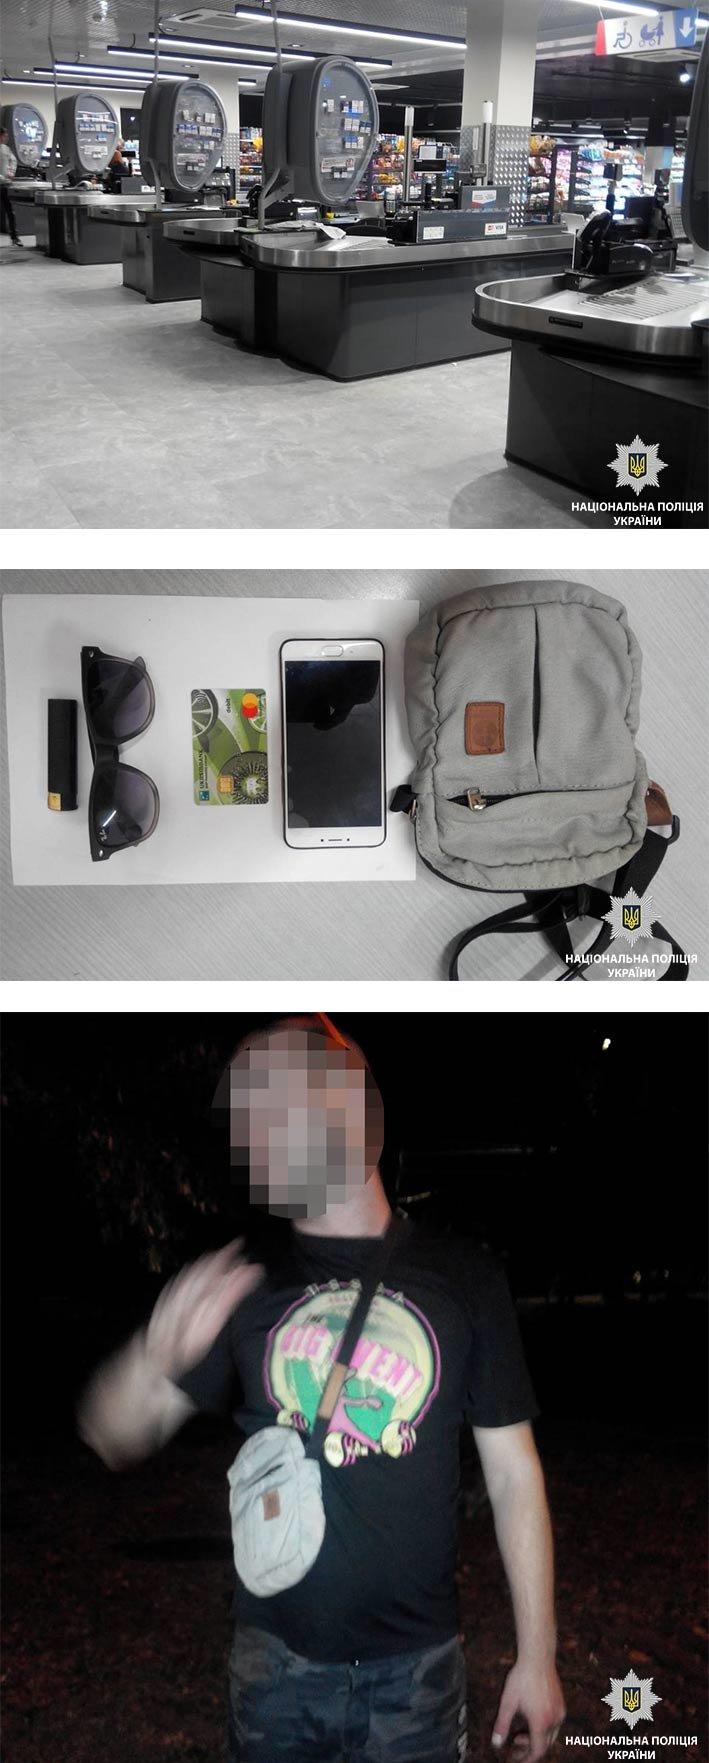 В Днепре сообщили о минировании супермаркета: подозреваемый задержан, фото-1